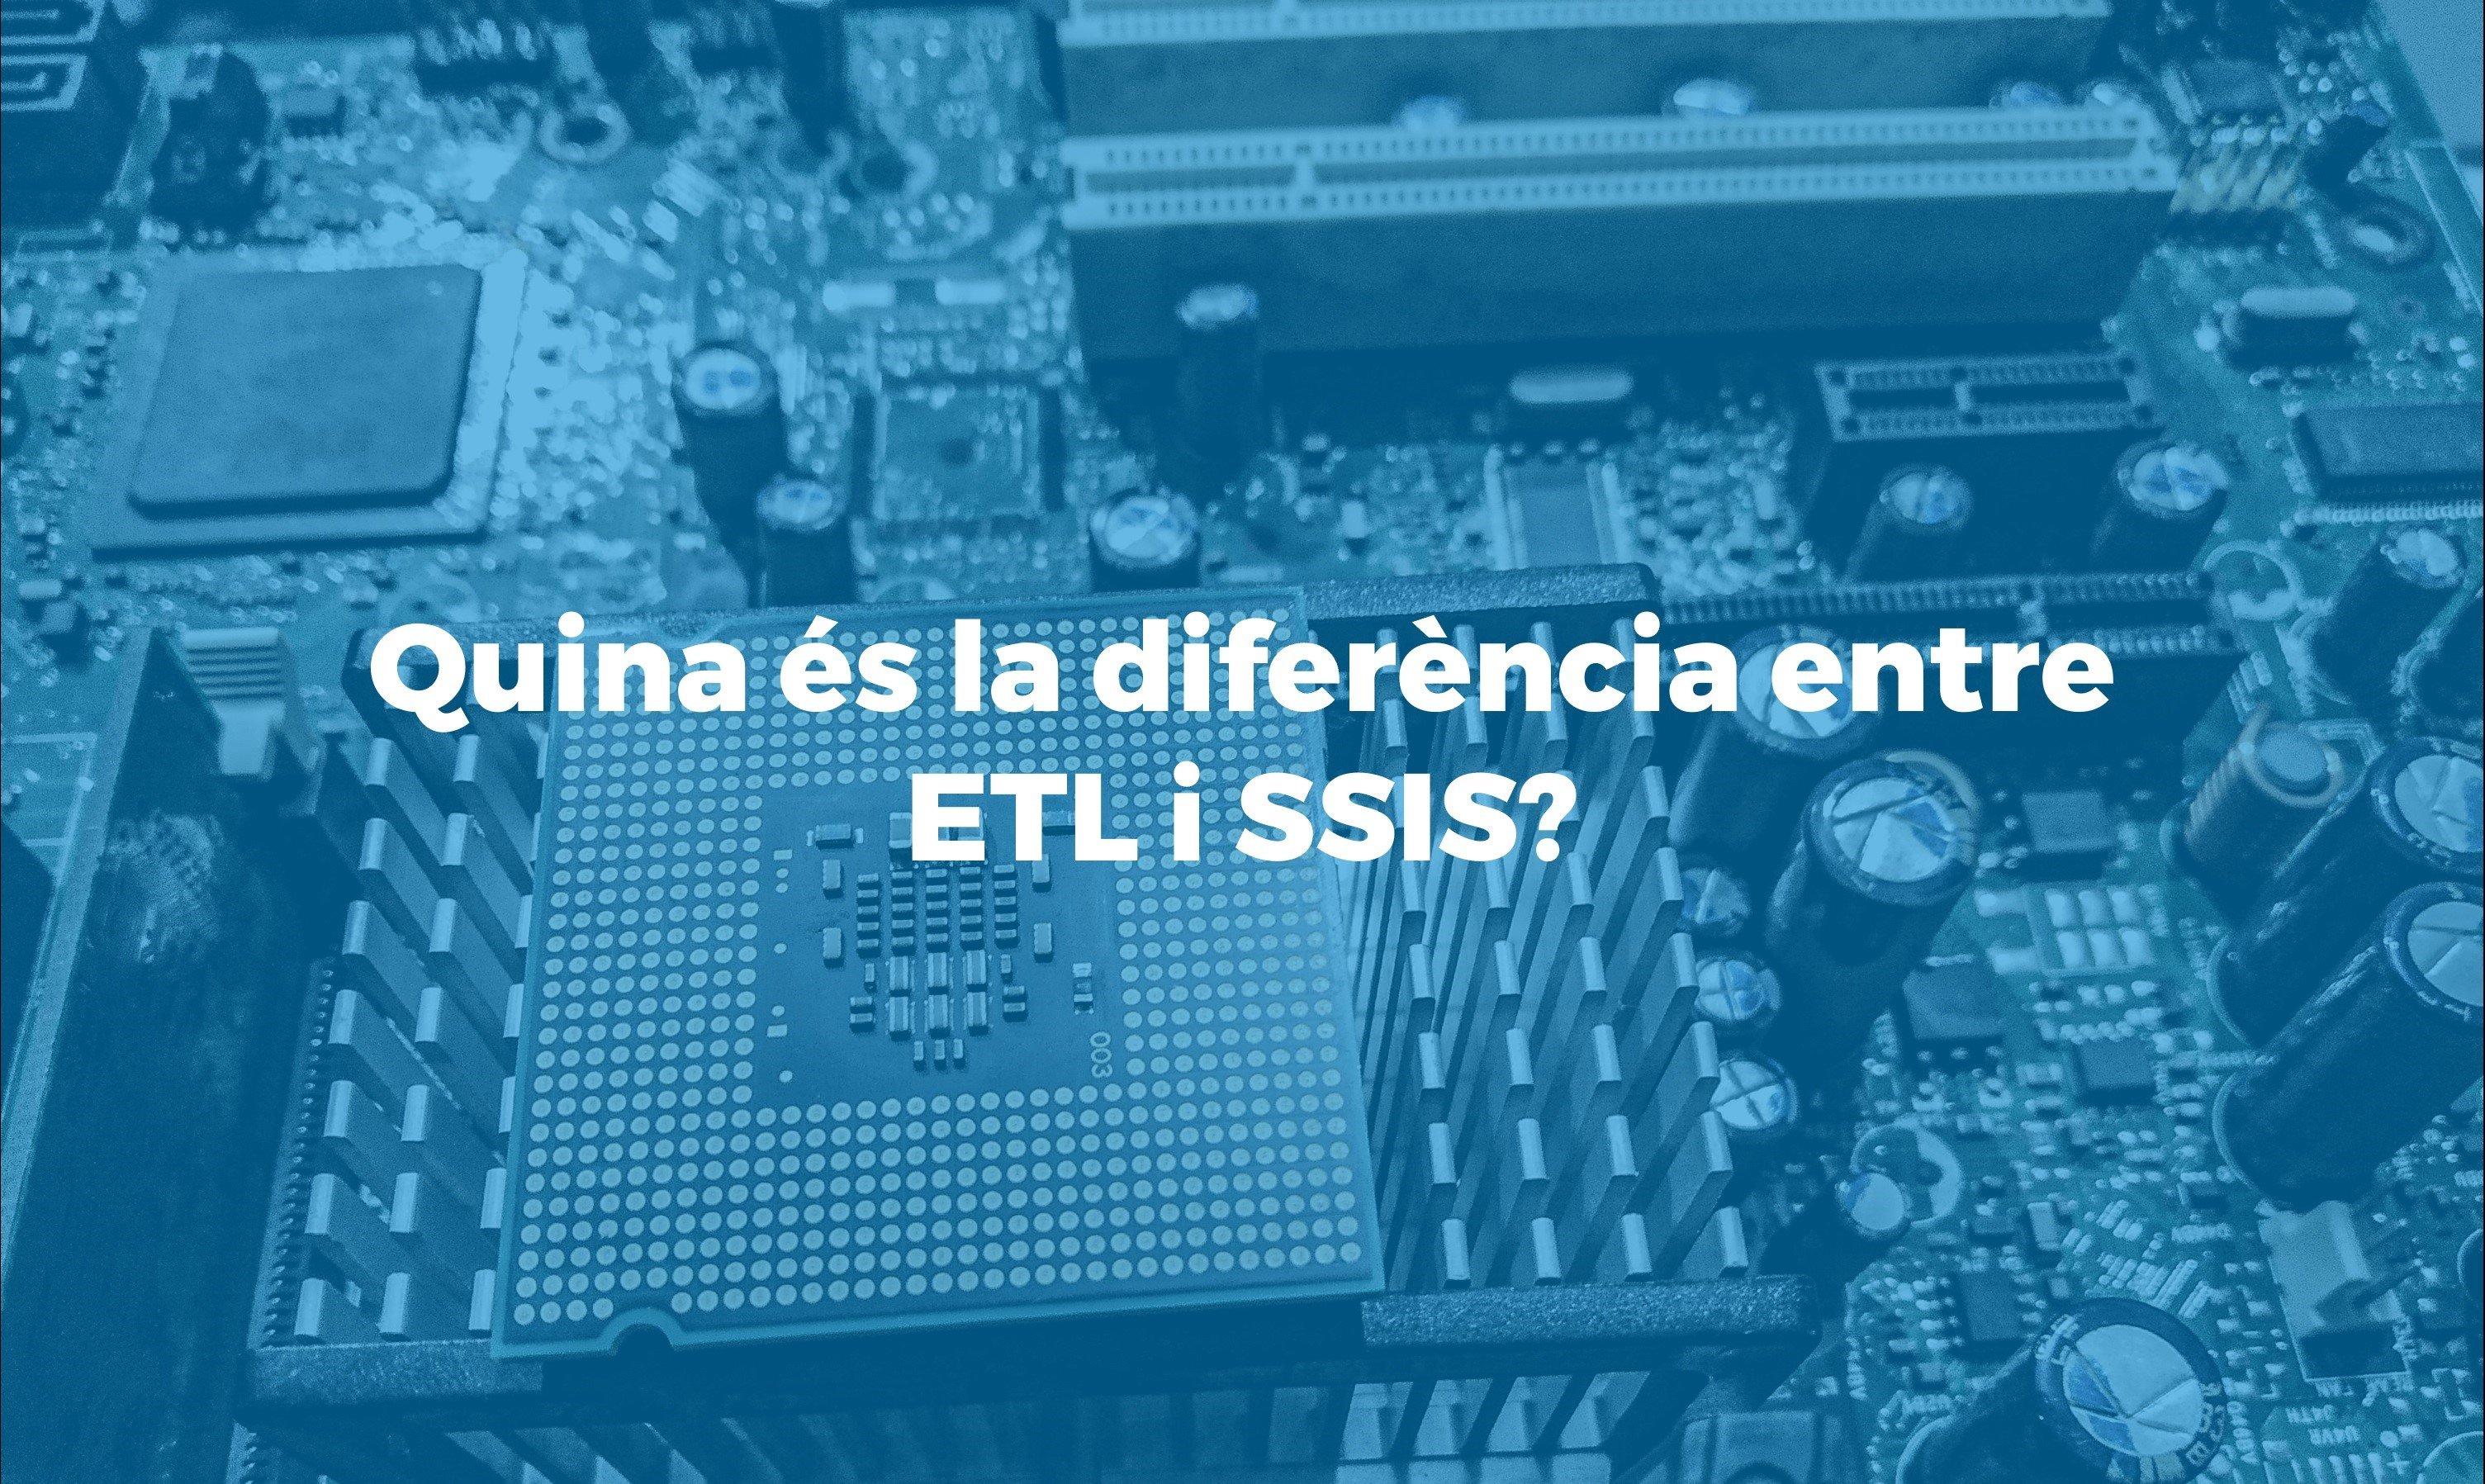 Expliquem la diferencia entre ETL i SSIS